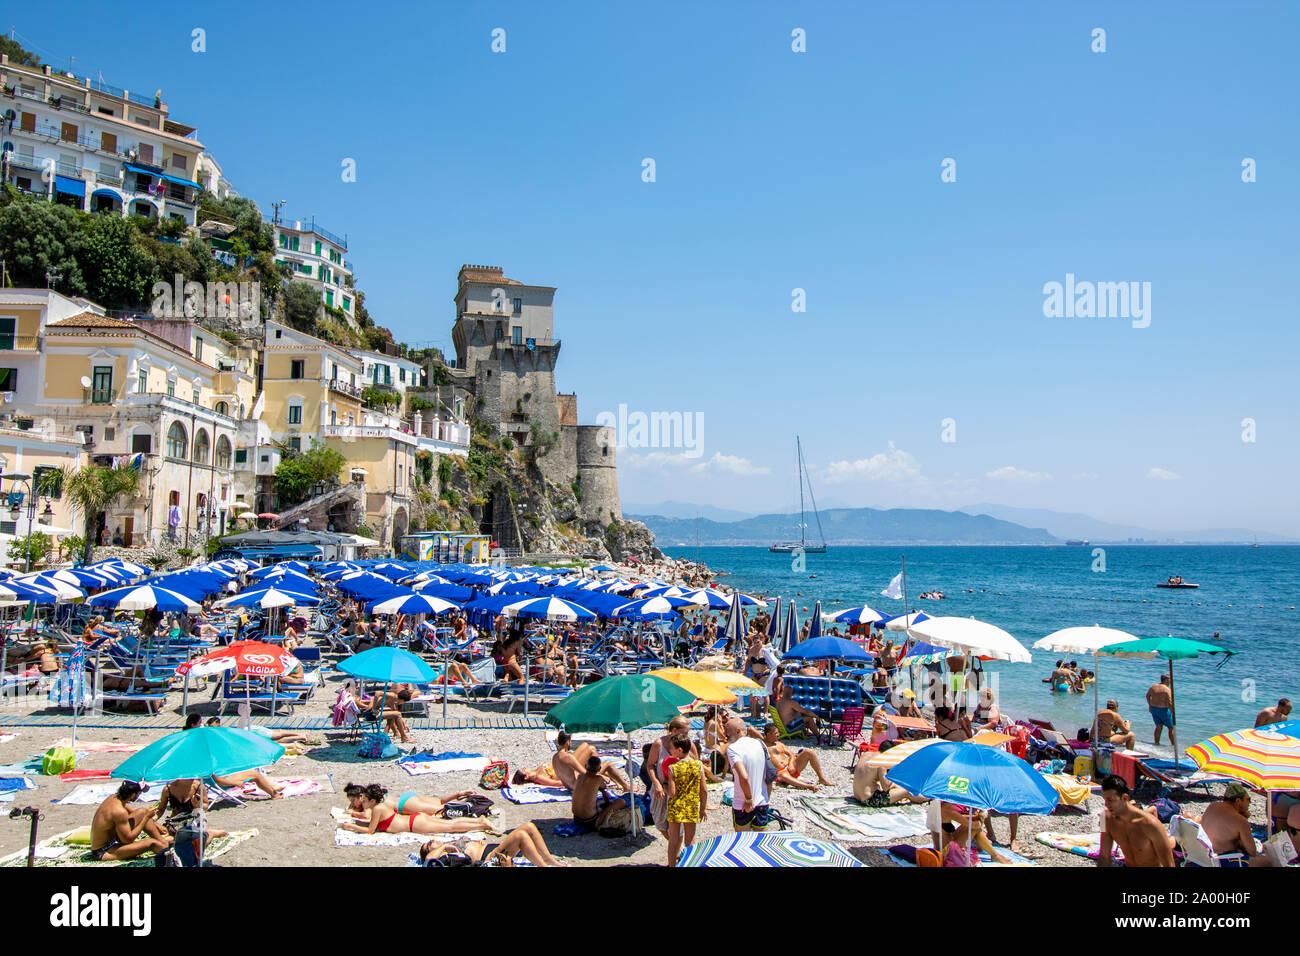 At Cetara Italy On July 2019 Beach On Amalfi Coast